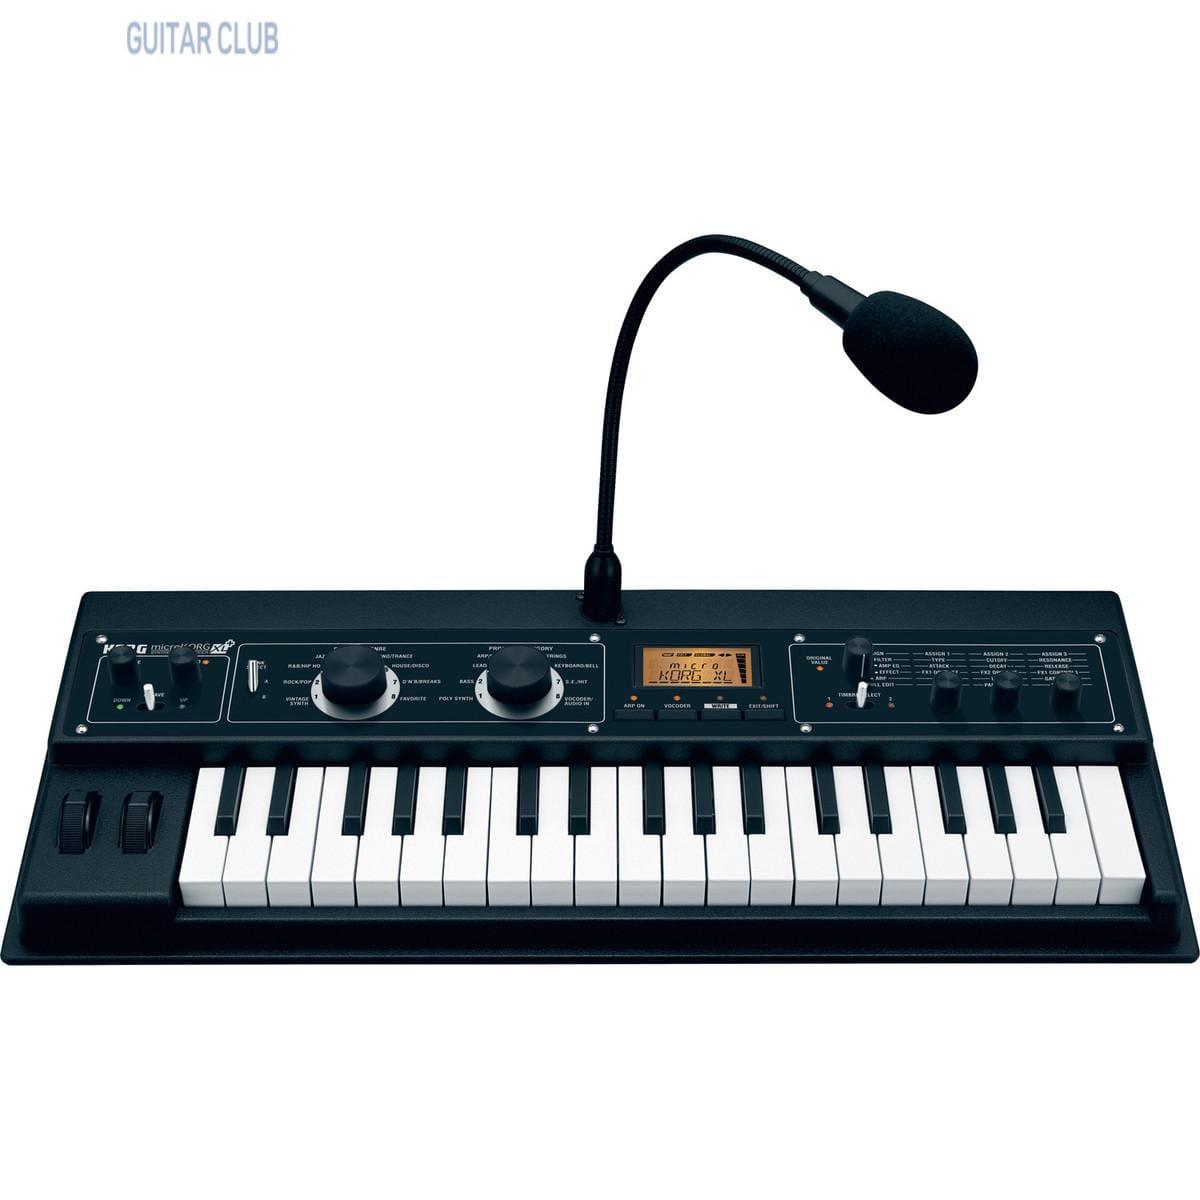 Синтезатор Korg MicroKorg XL+ Фото 2